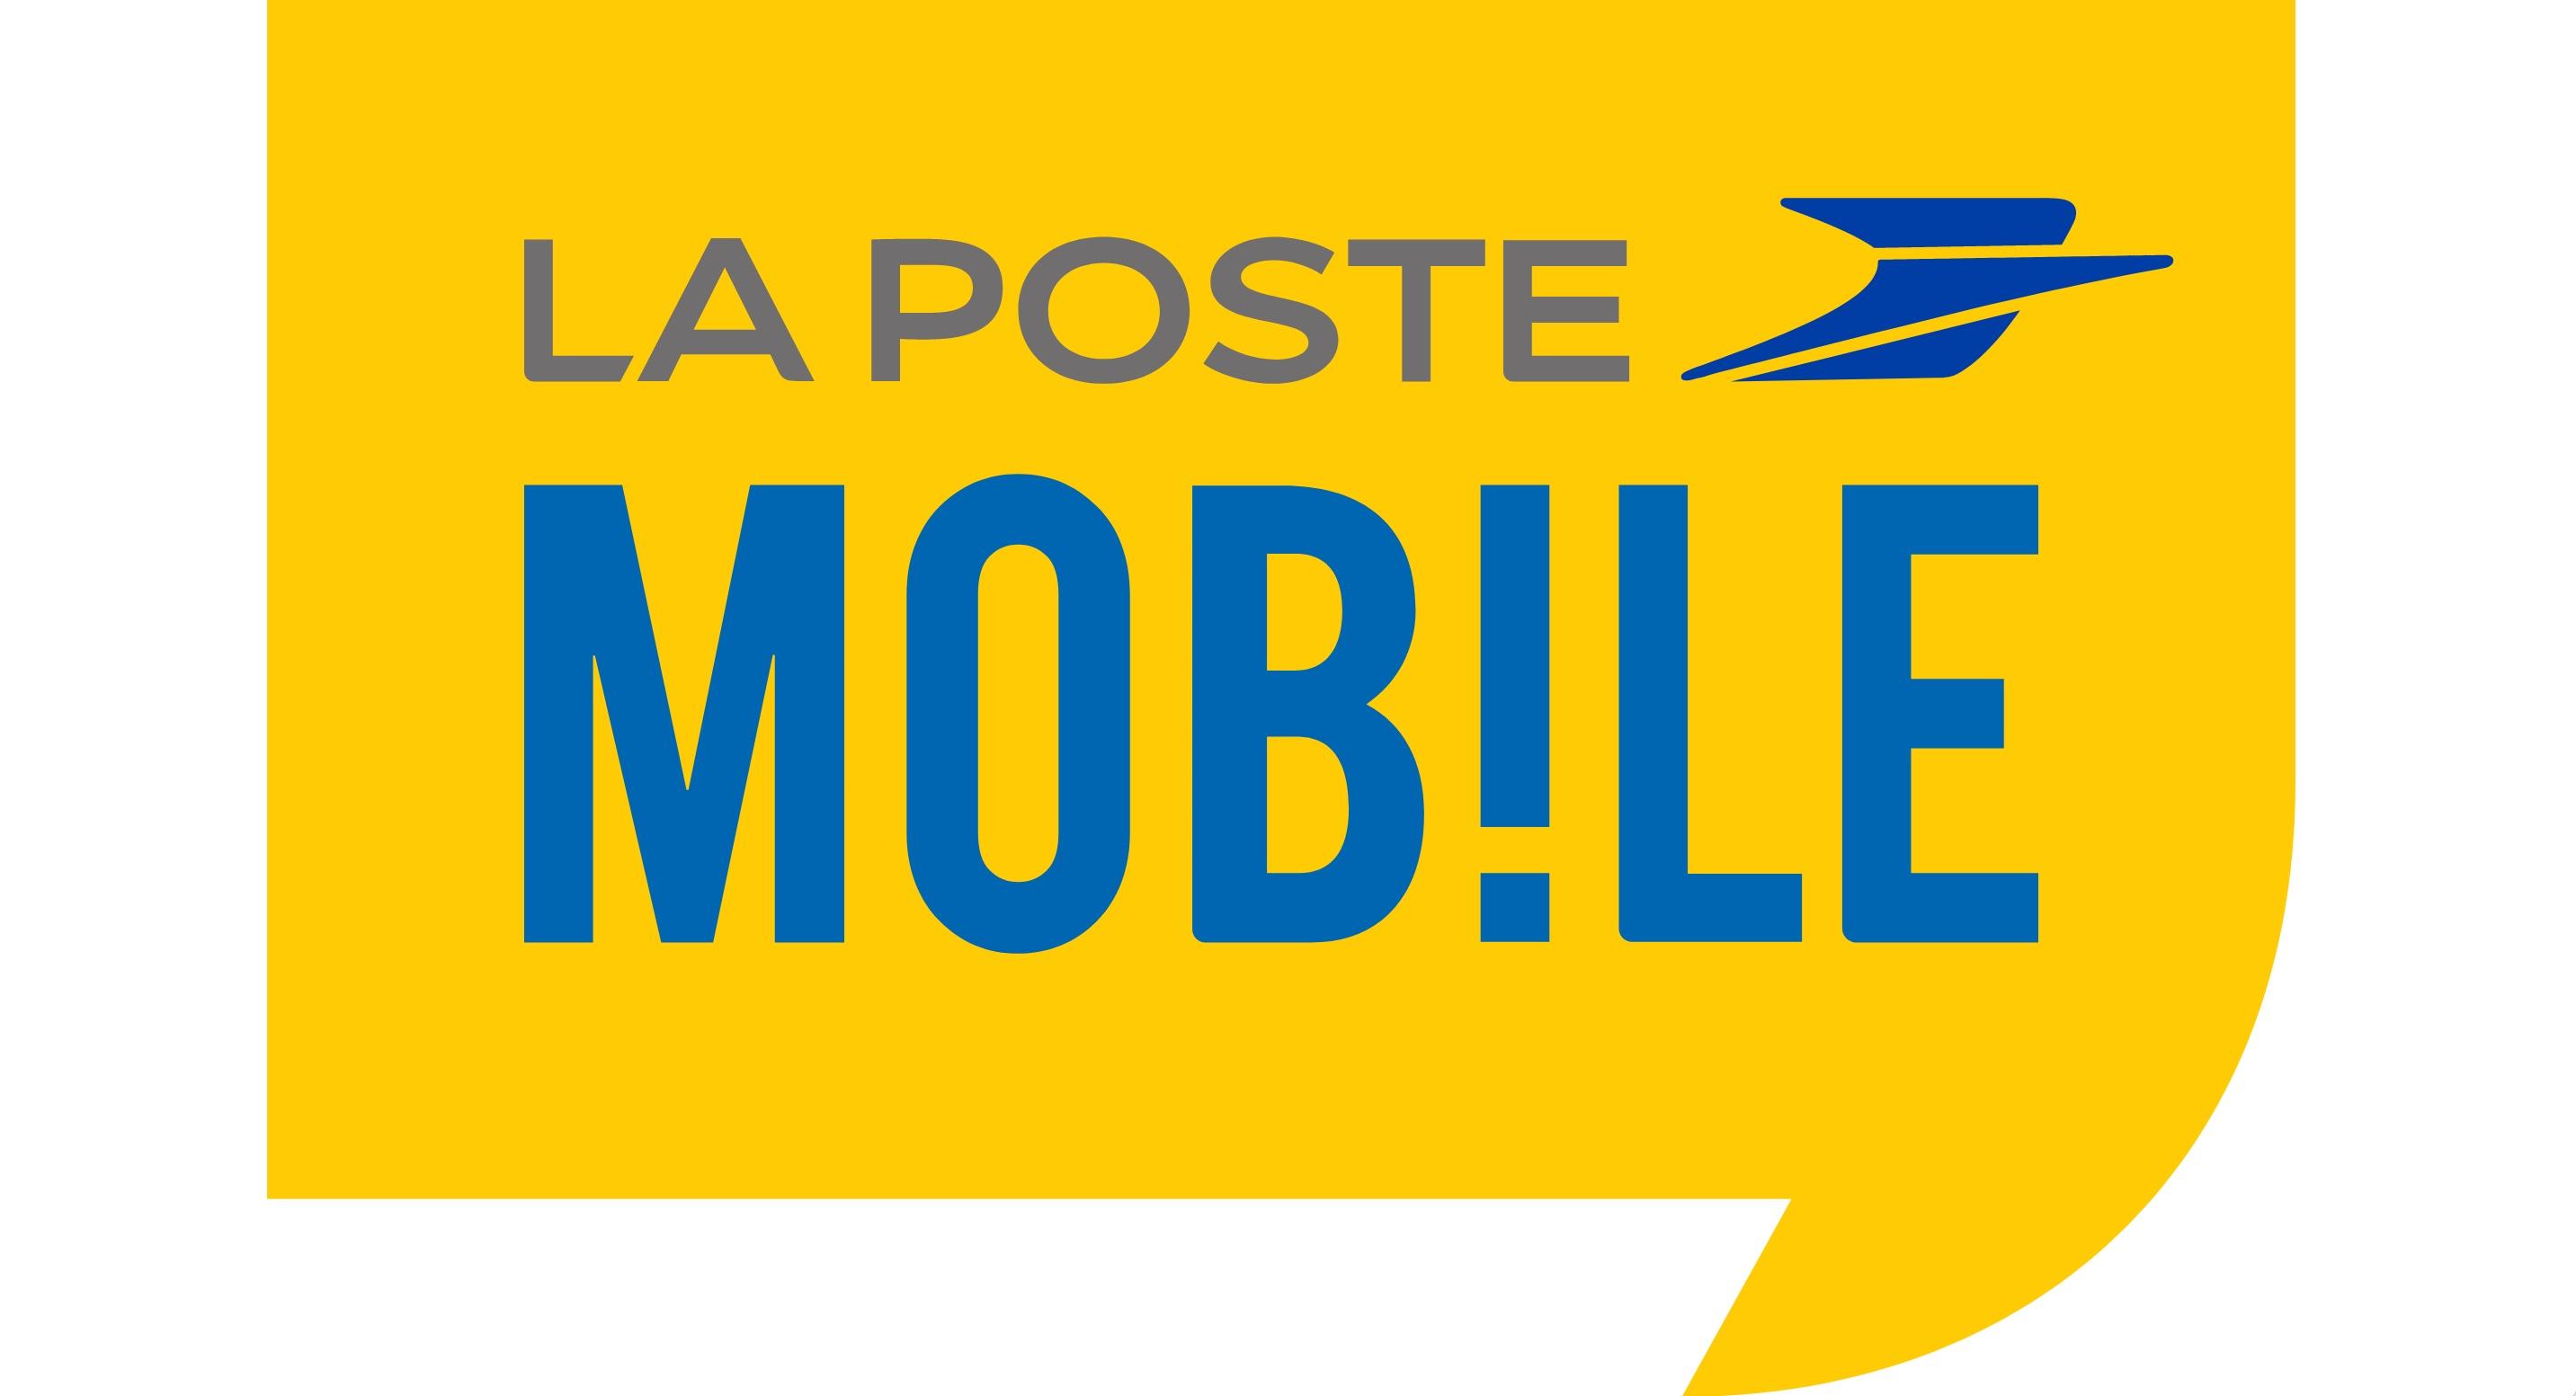 Nouvelle promo forfait  : 4,99 € pour 5 Go, musique et 2h de communications chez La Poste Mobile 1